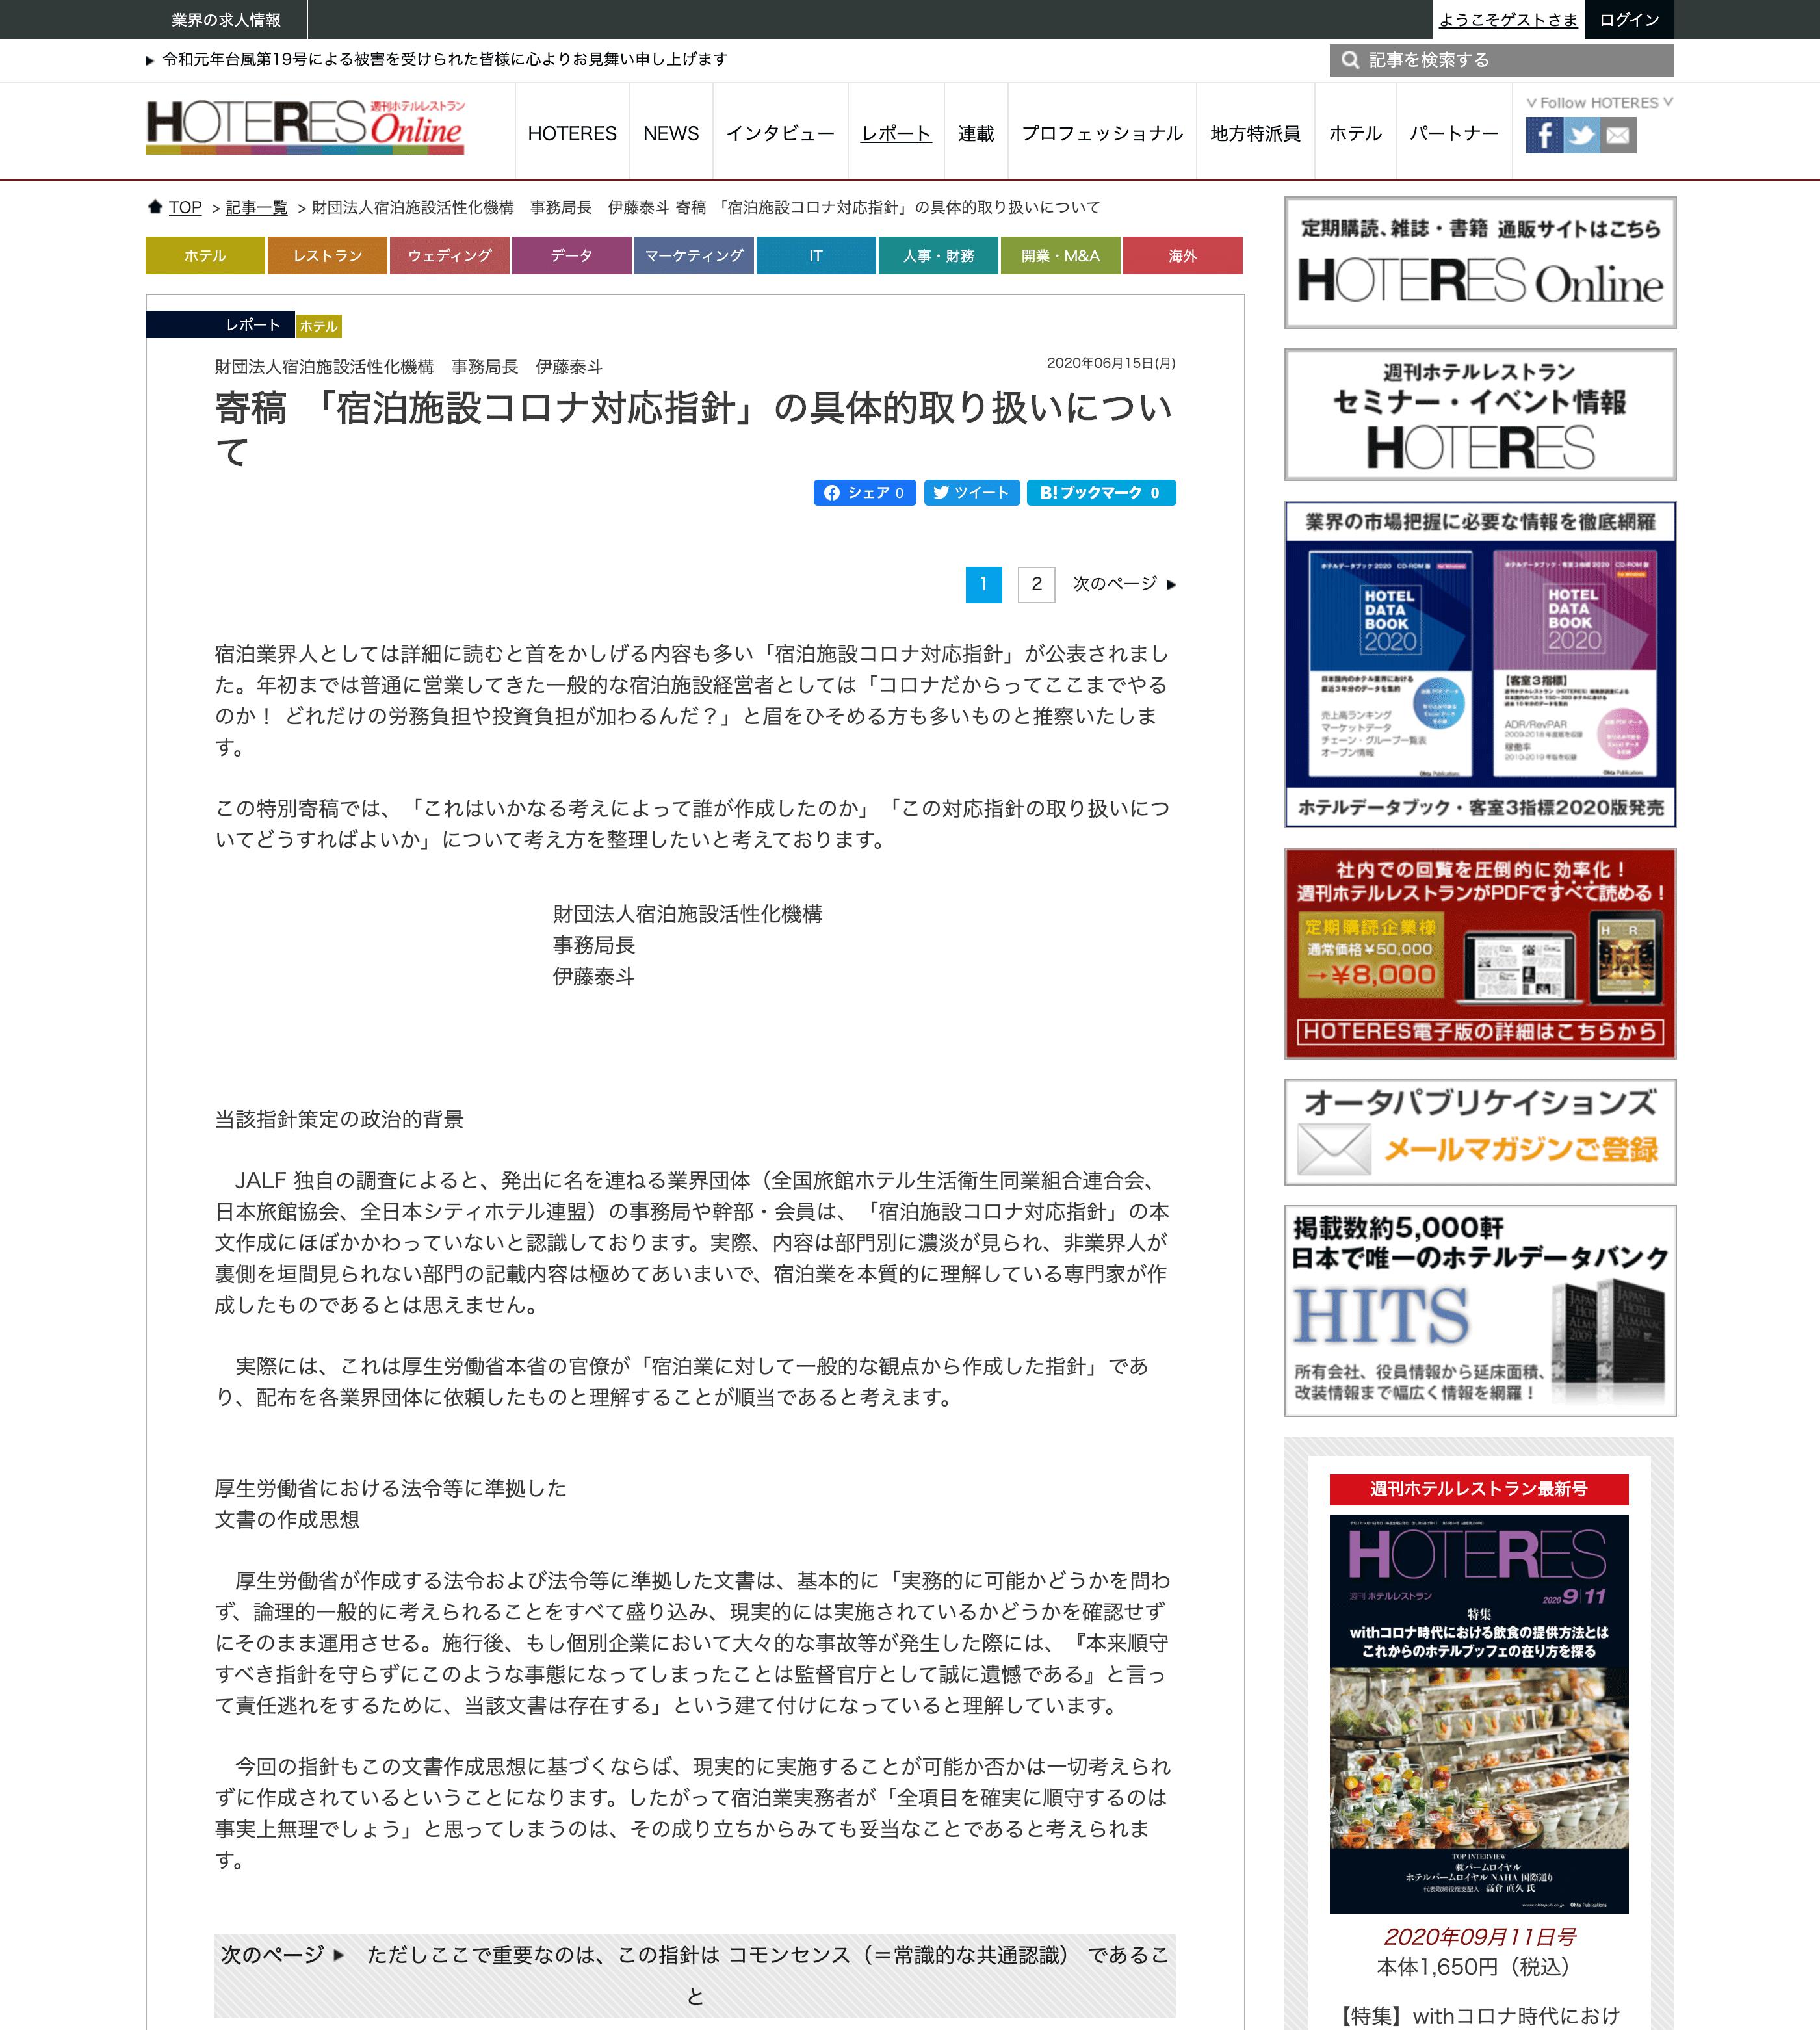 2020年6月15日(月)の週刊ホテルレストラン「HOTERES ONLINE」にJALF事務局長伊藤が寄稿いたしました。